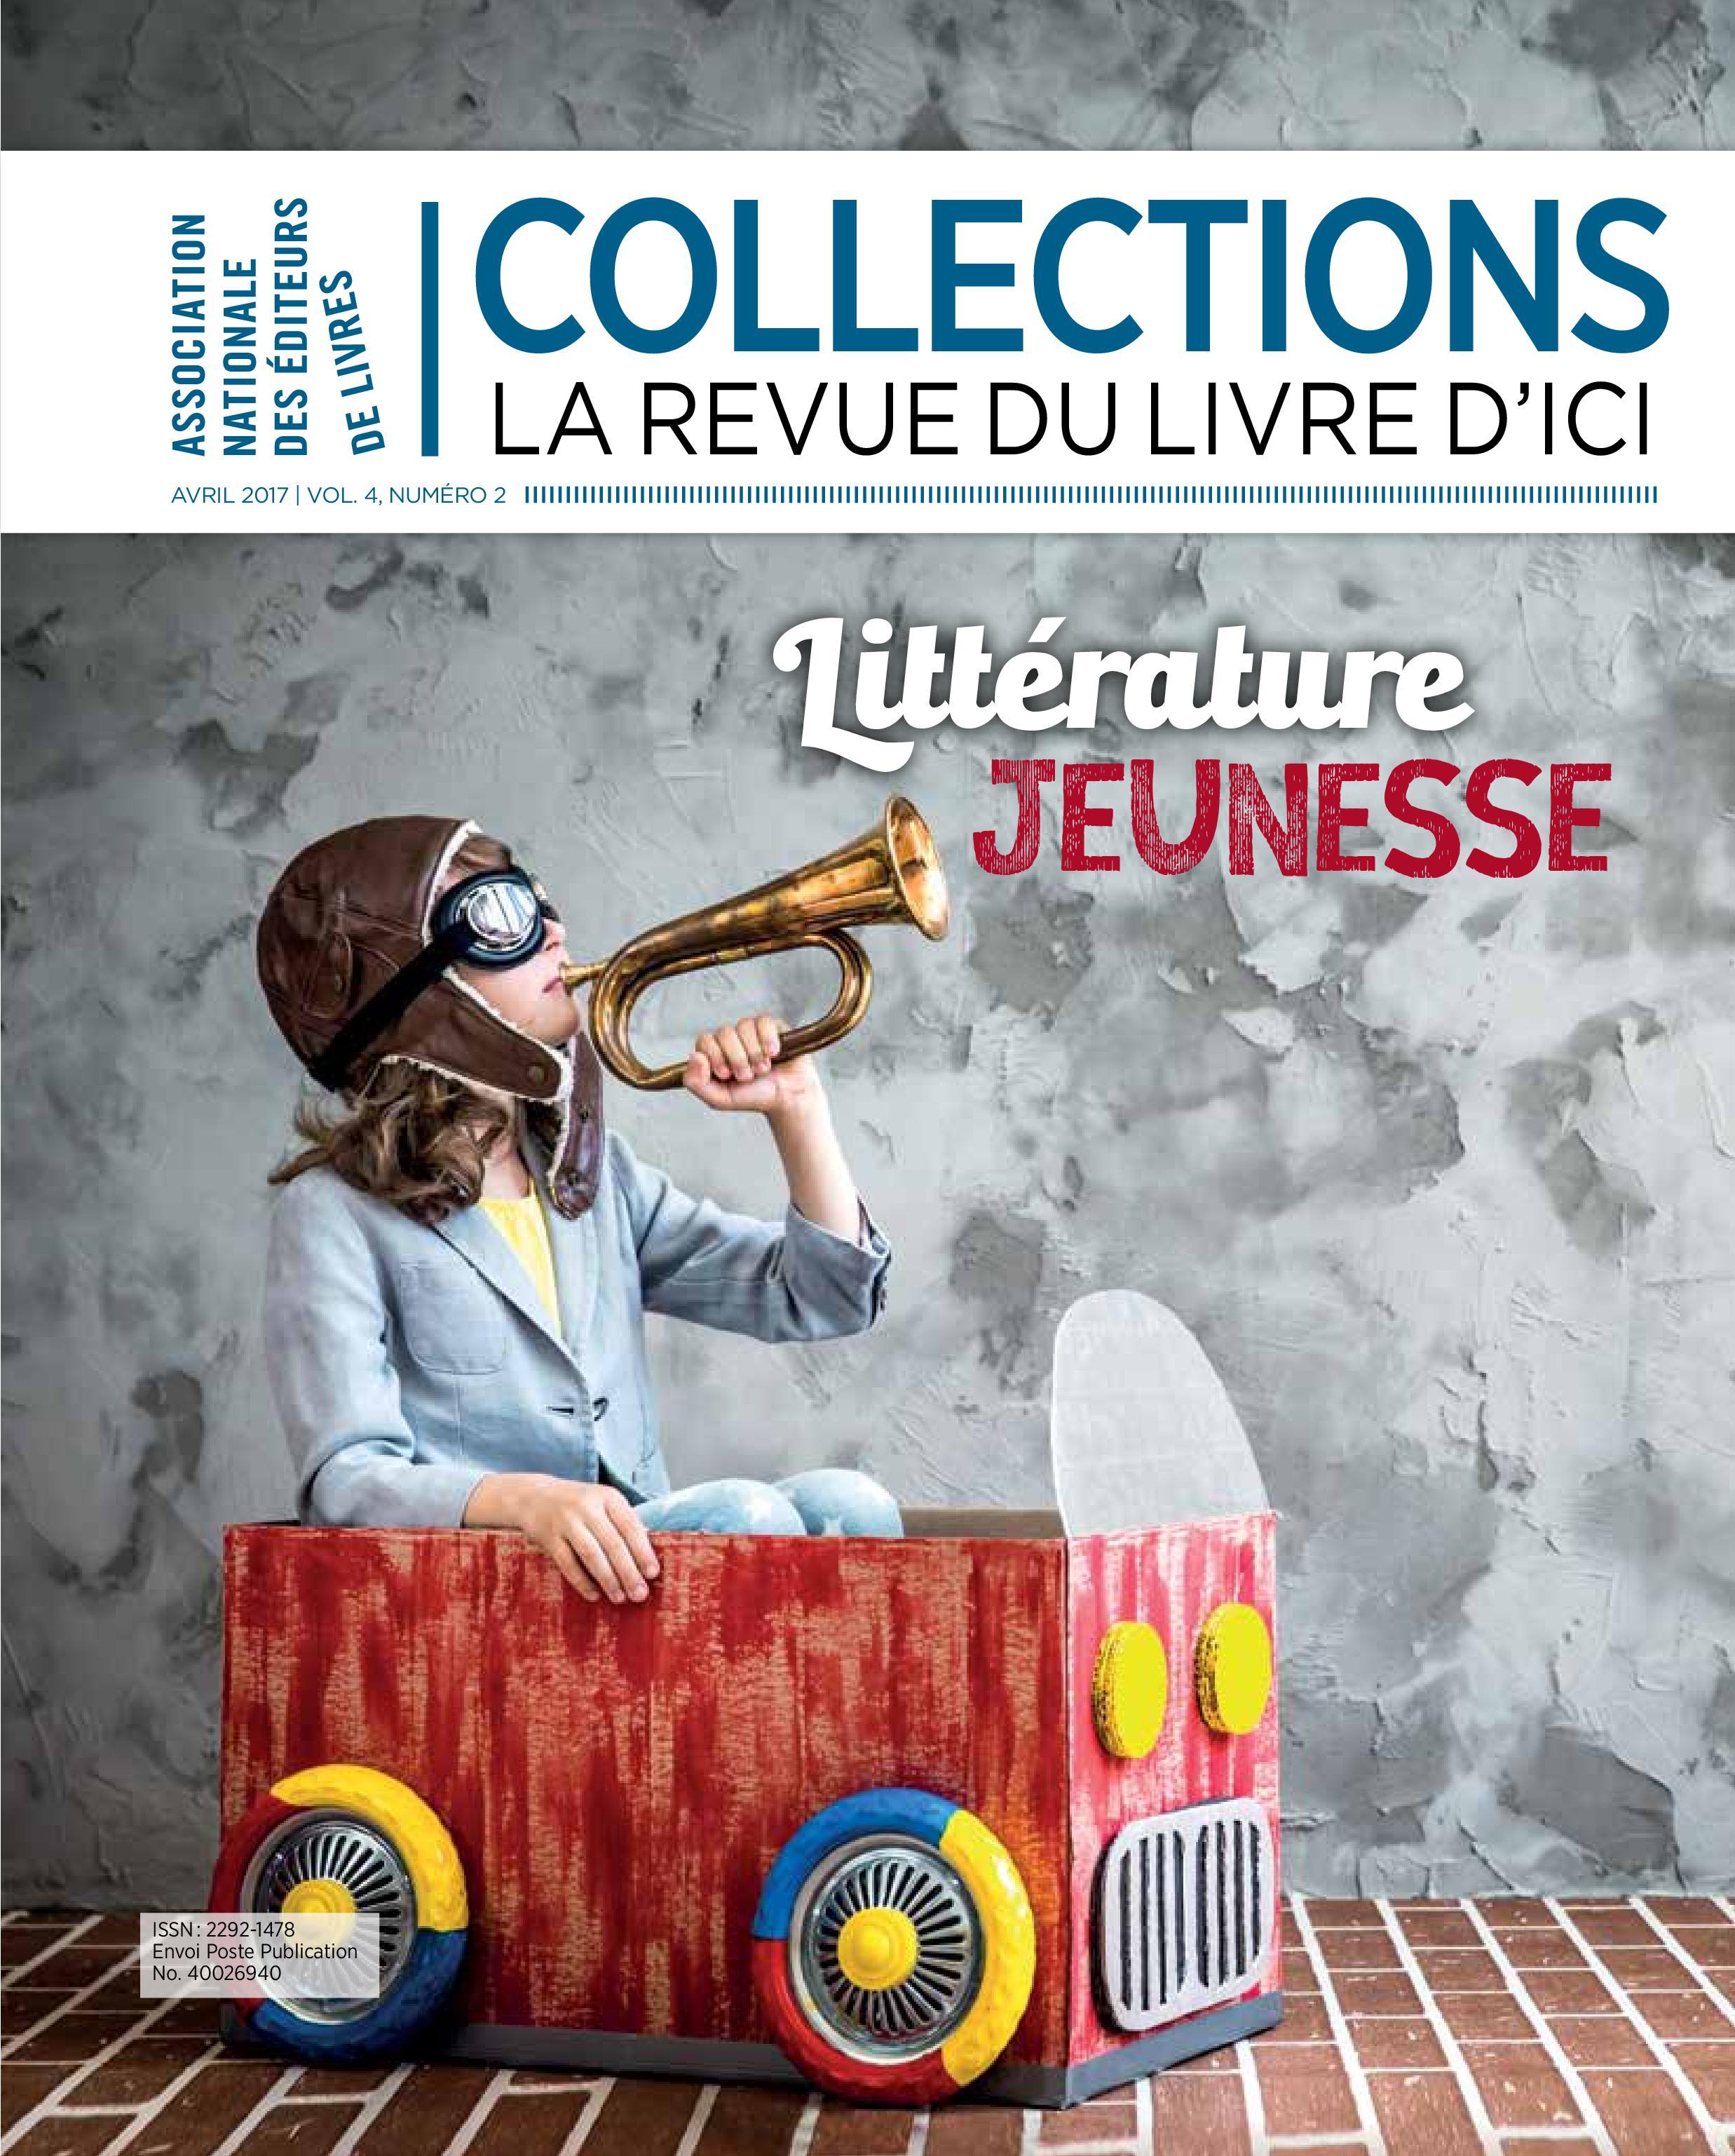 Collections Vol 4, No 2, Littérature jeunesse